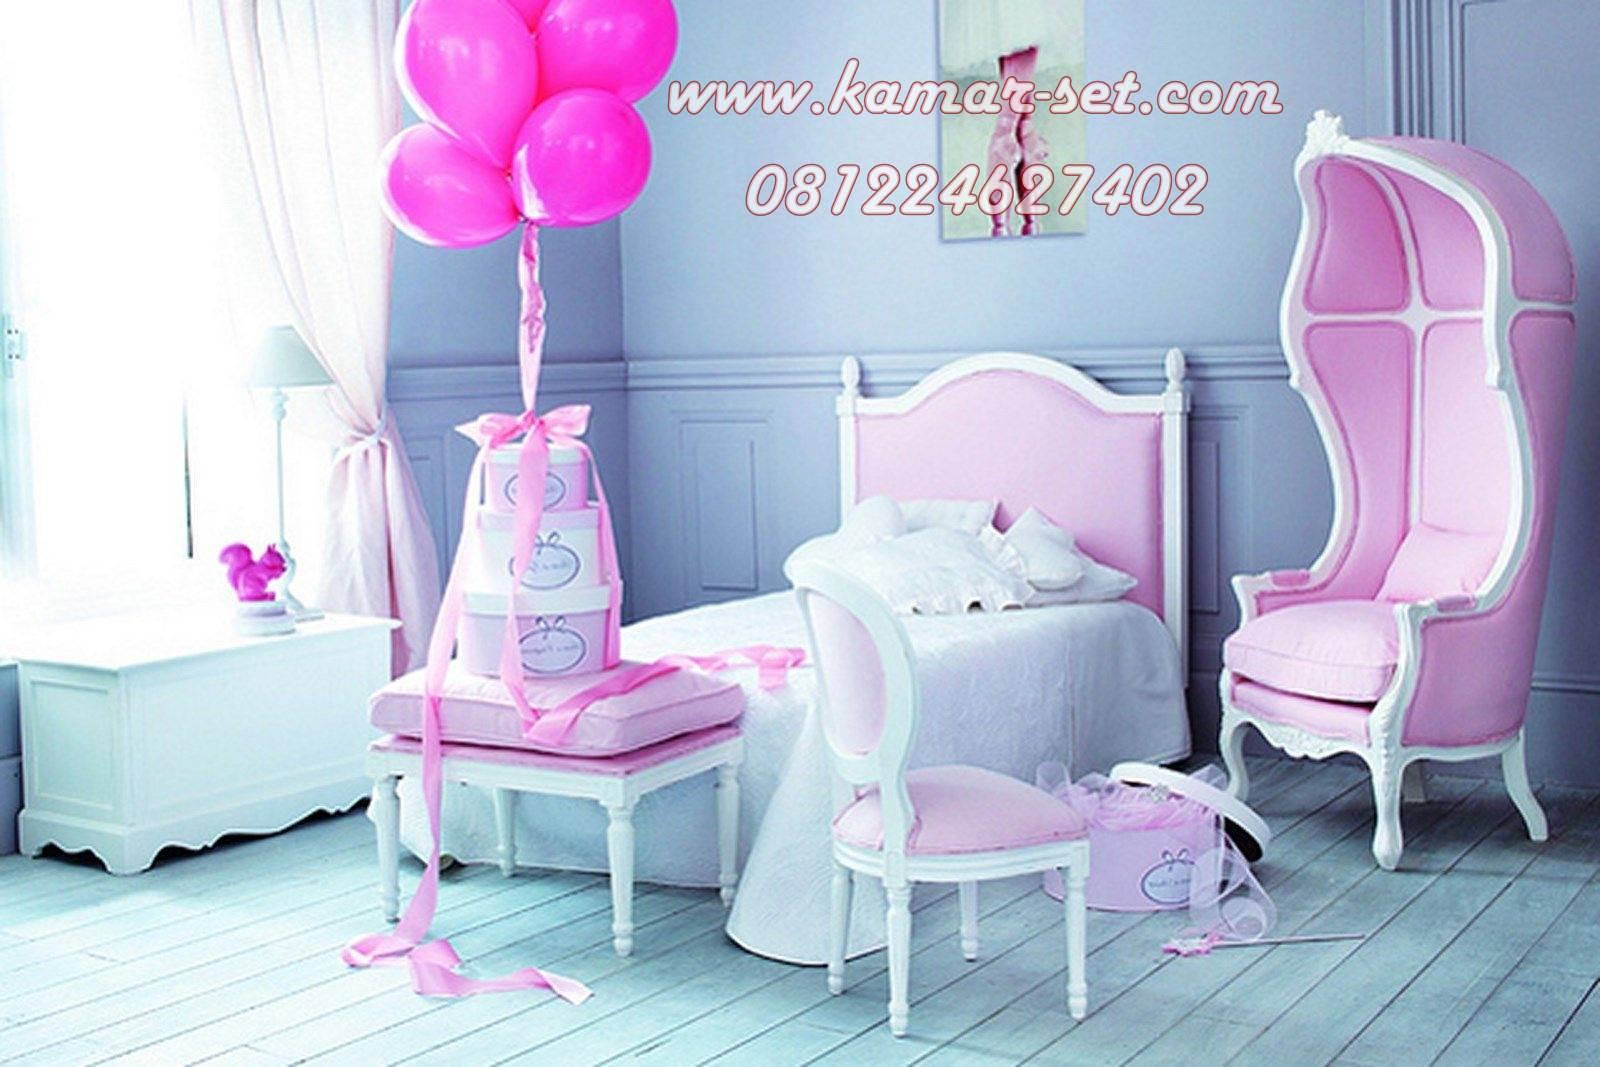 Desain Kamar Tidur Anak Pink Single, Ranjang Perempuan ...